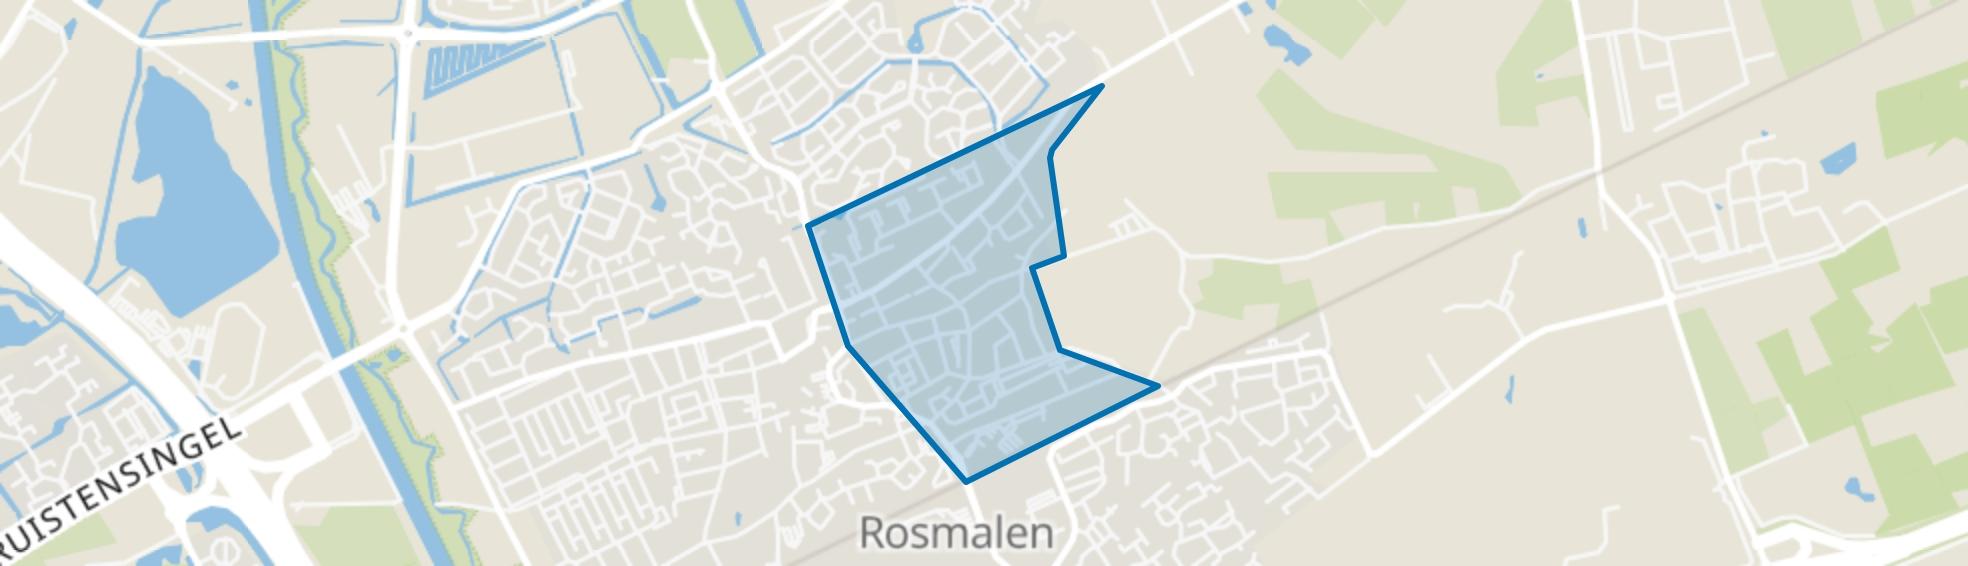 Hondsberg, Rosmalen map